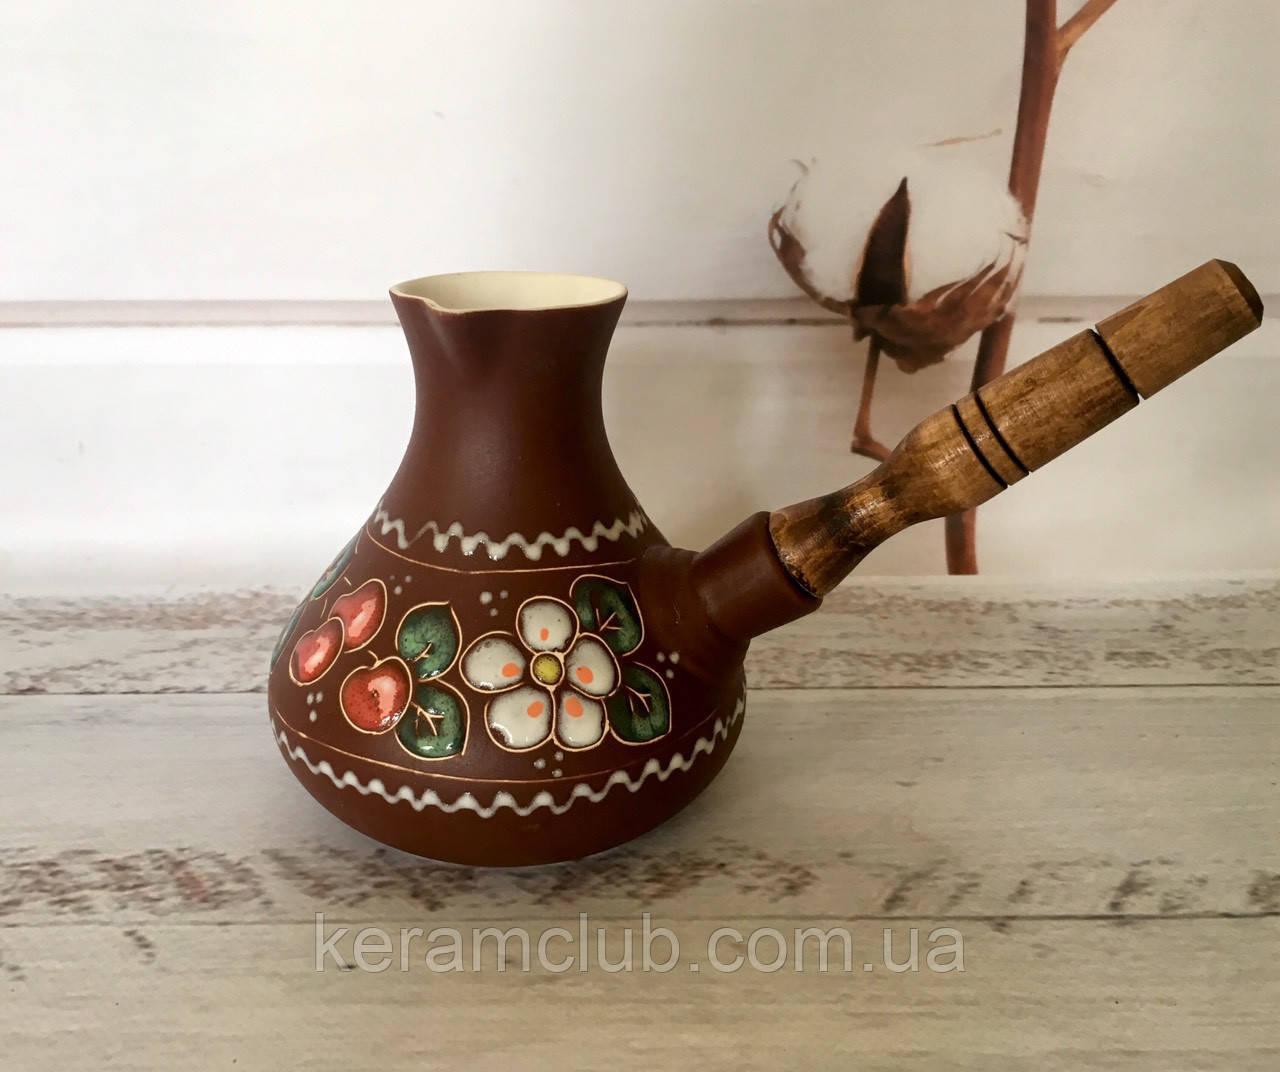 Керамическая турка Вишенка